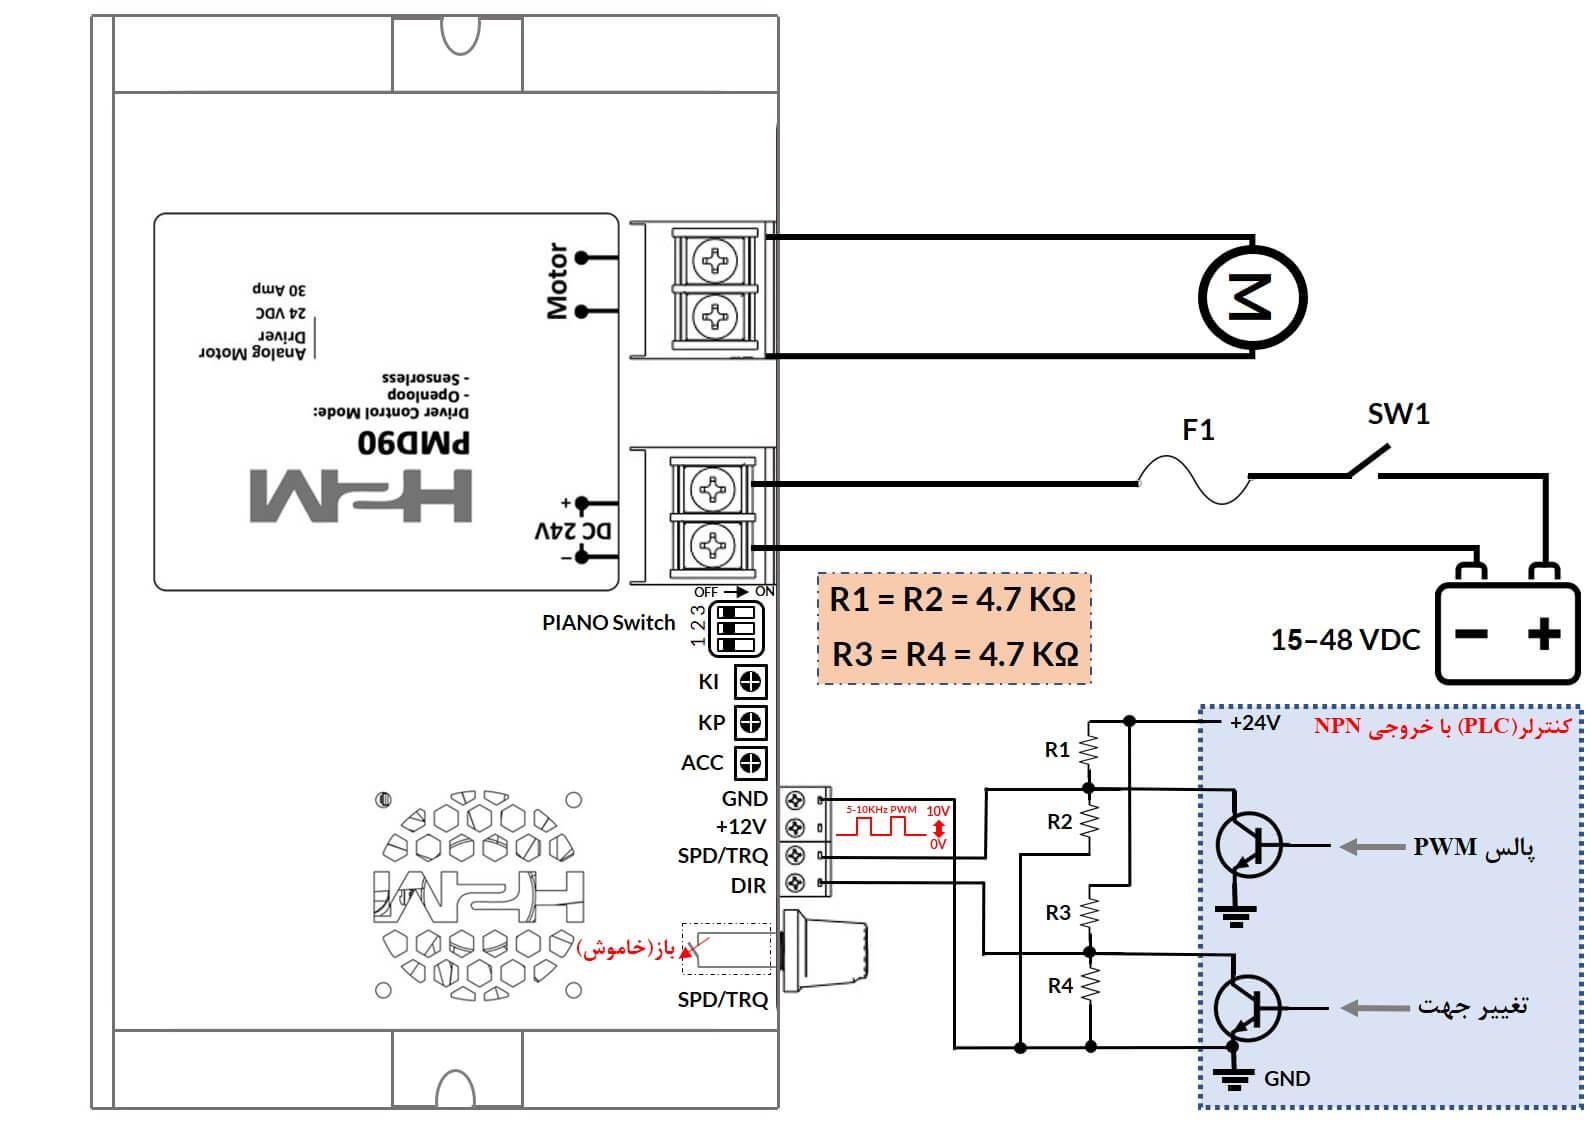 راه اندازی درایور PMD90 با کنترلر با خروجی NPN با پالس PWM